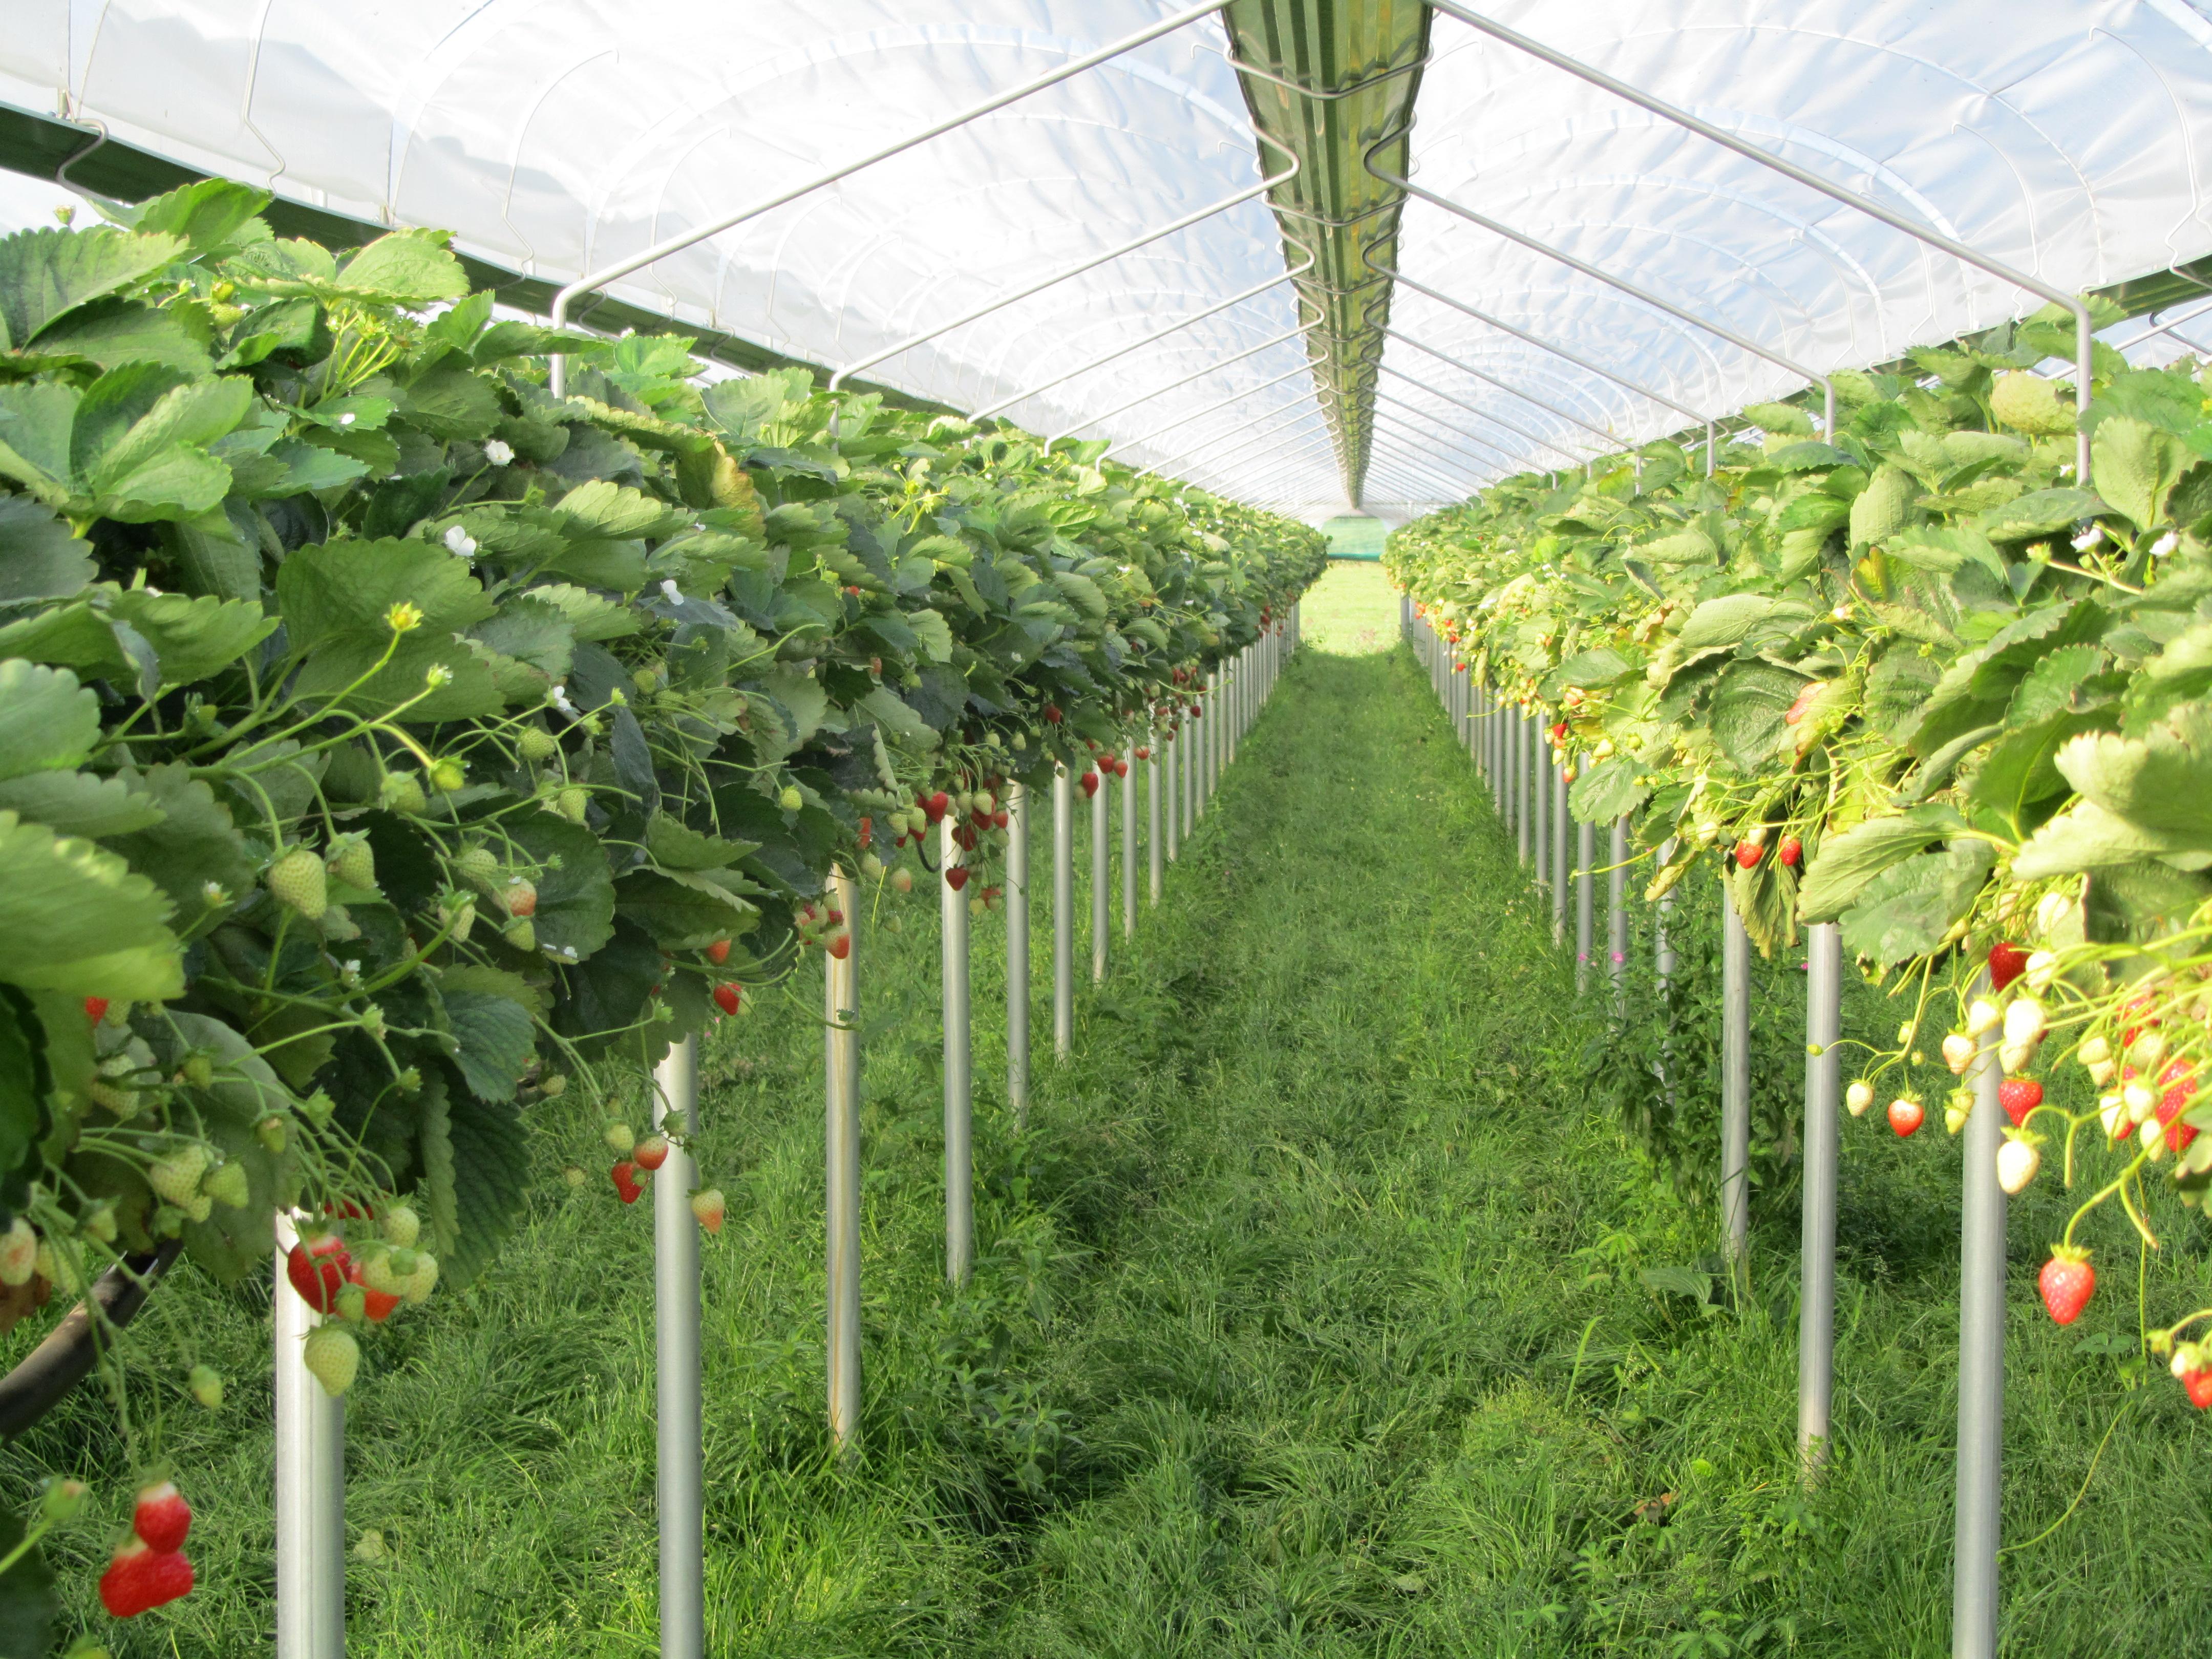 accessoires pour culture hors sol degrav 39 agri tout pour produire les fruits rouges et les asperges. Black Bedroom Furniture Sets. Home Design Ideas